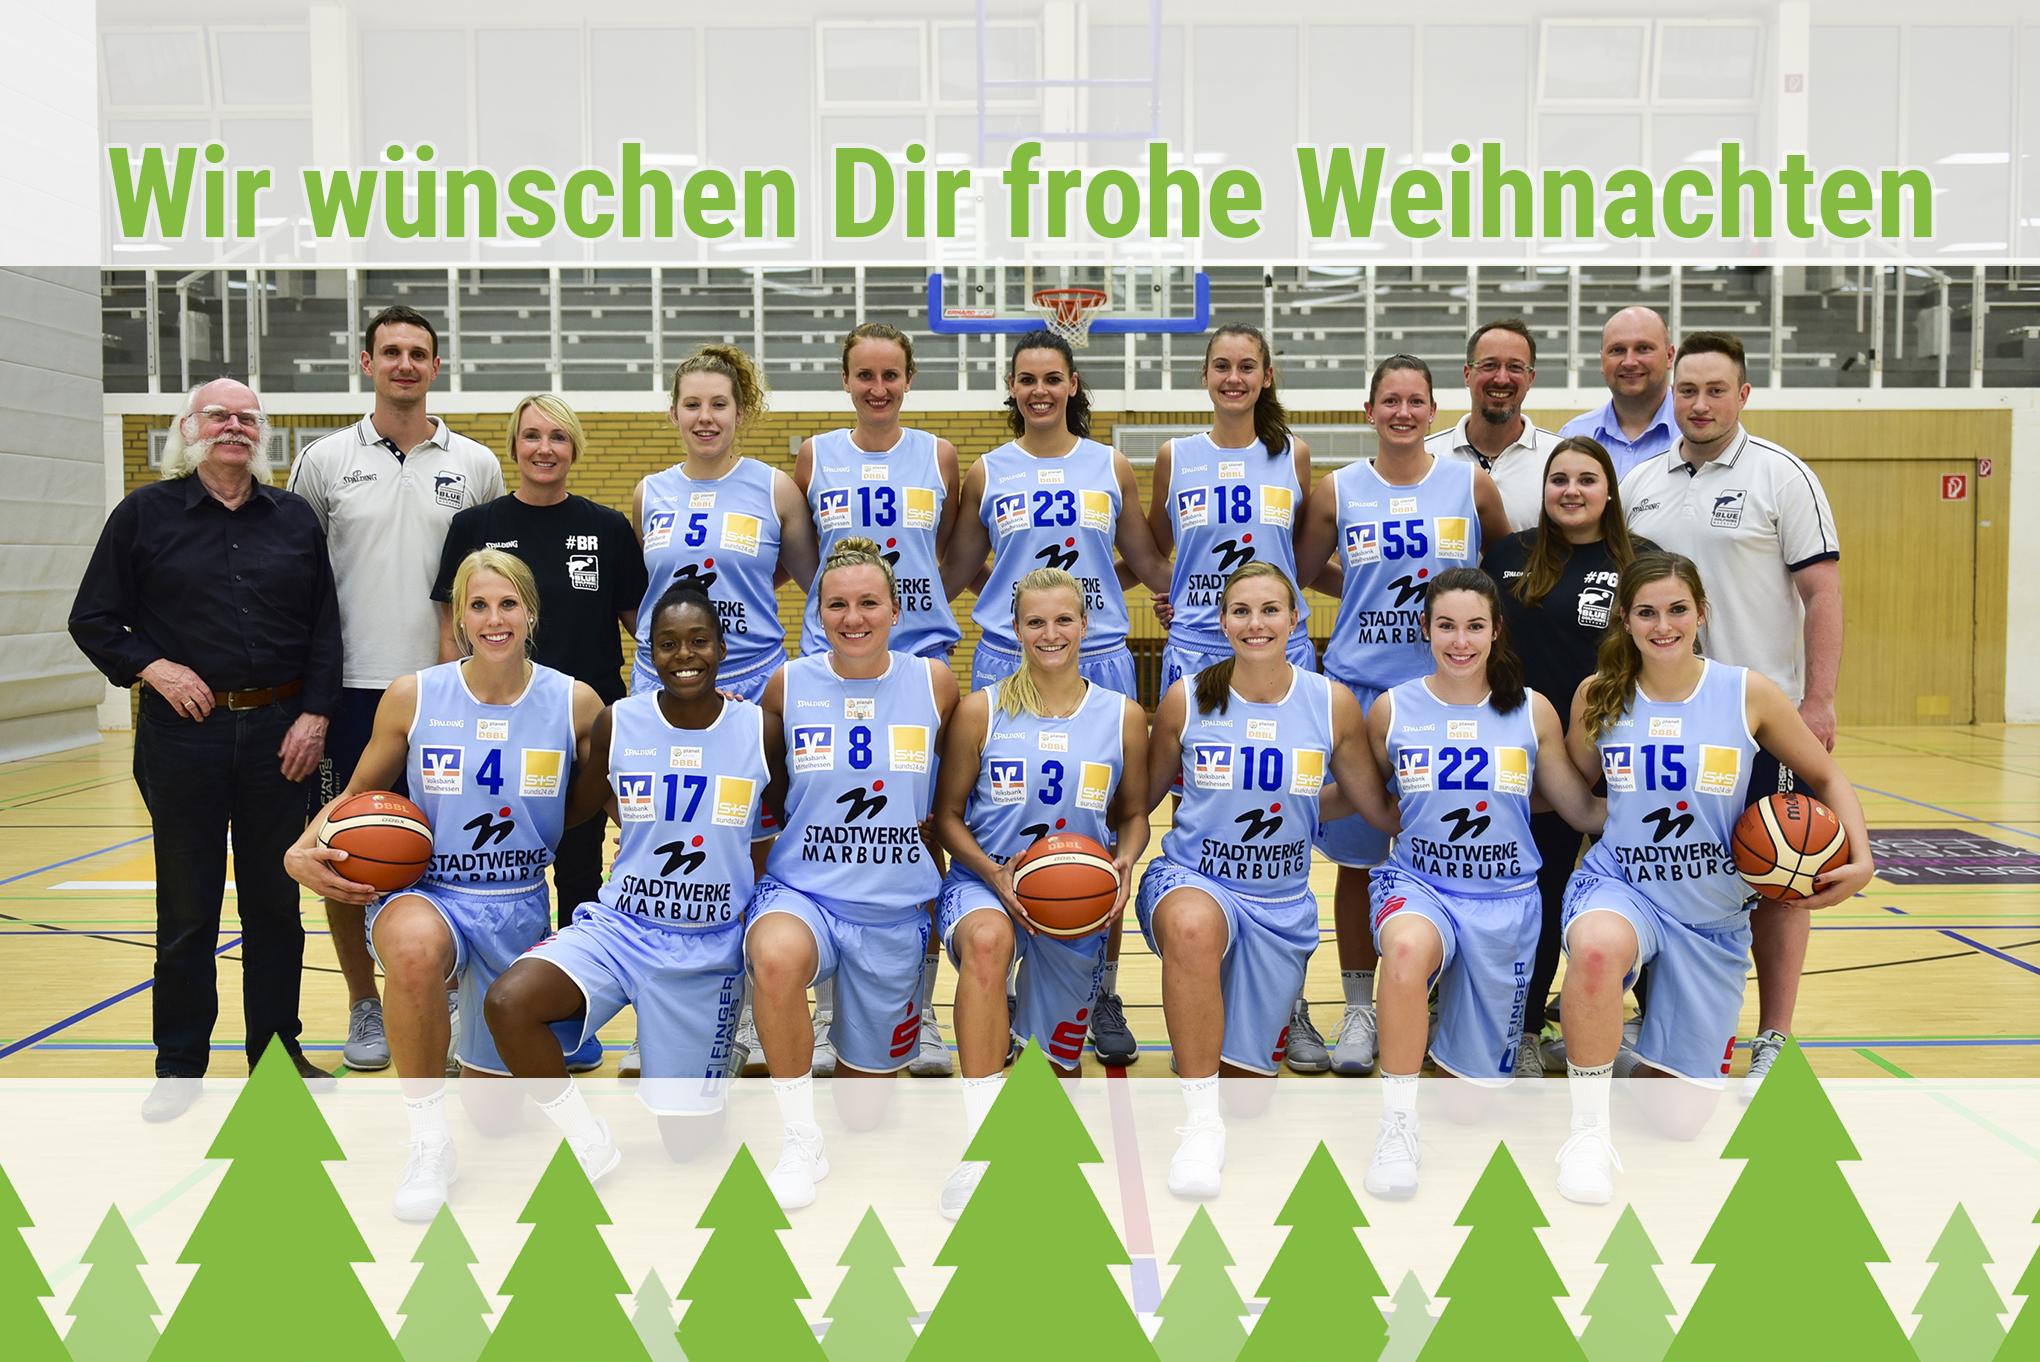 Weihnachtsgrüße Team.Dank Und Weihnachtsgrüße Bc Basketball Club Marburg E V Bc